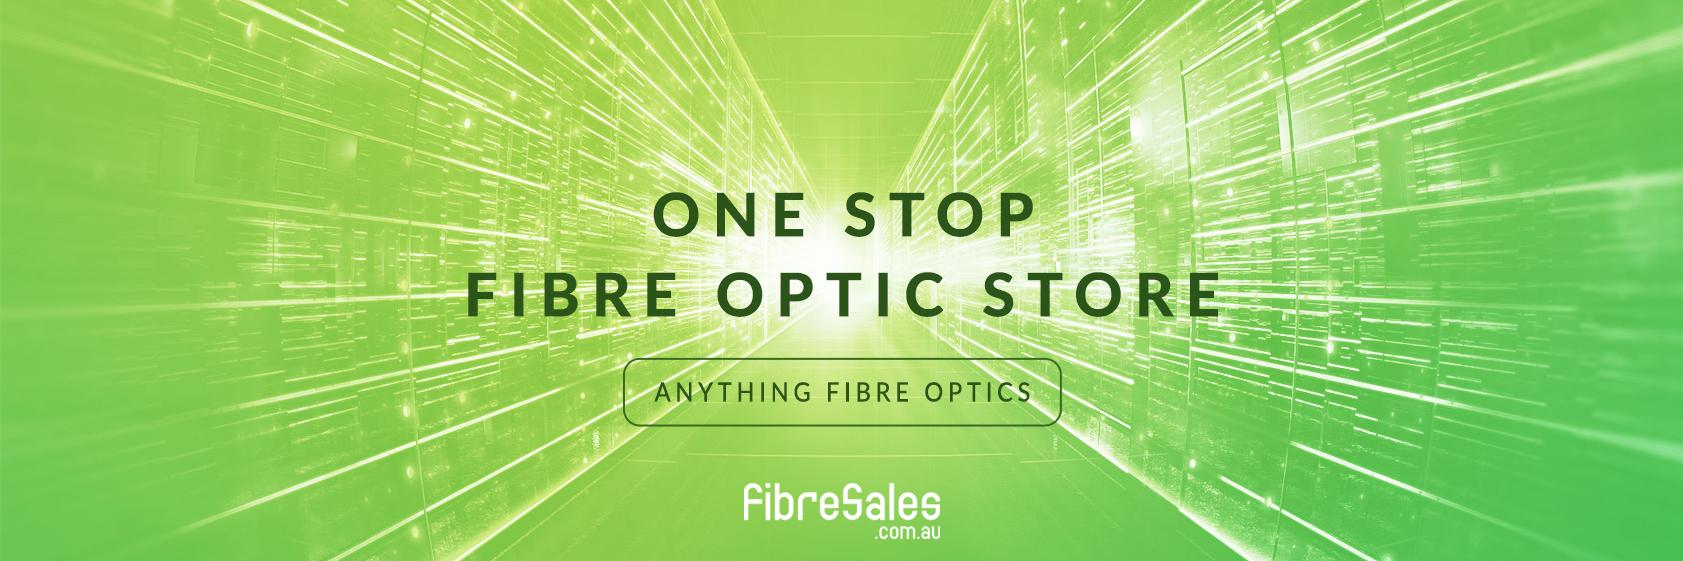 Fibre Optic Store